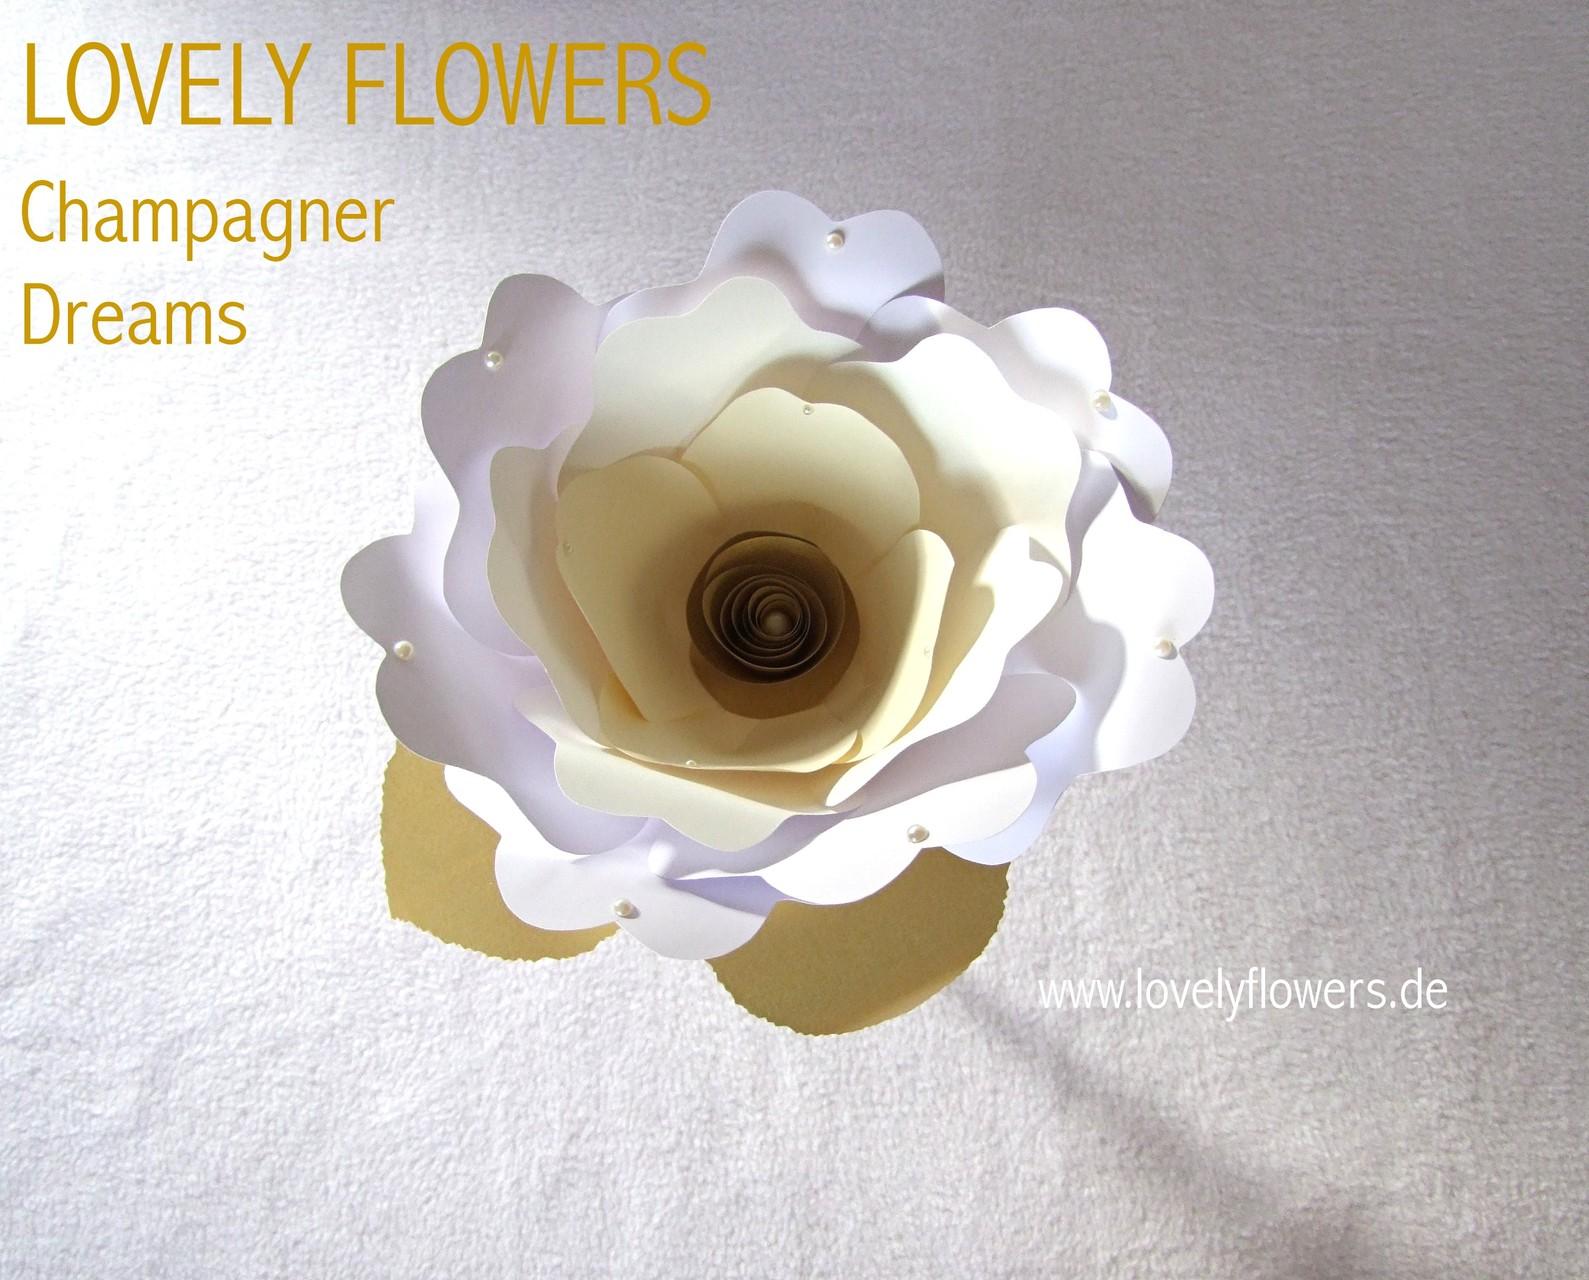 Paper-Art Glasaufsatzblüte von www.lovelyflowers.de zum Champagnerempfang im Mozarteum/Salzburg/Österreich